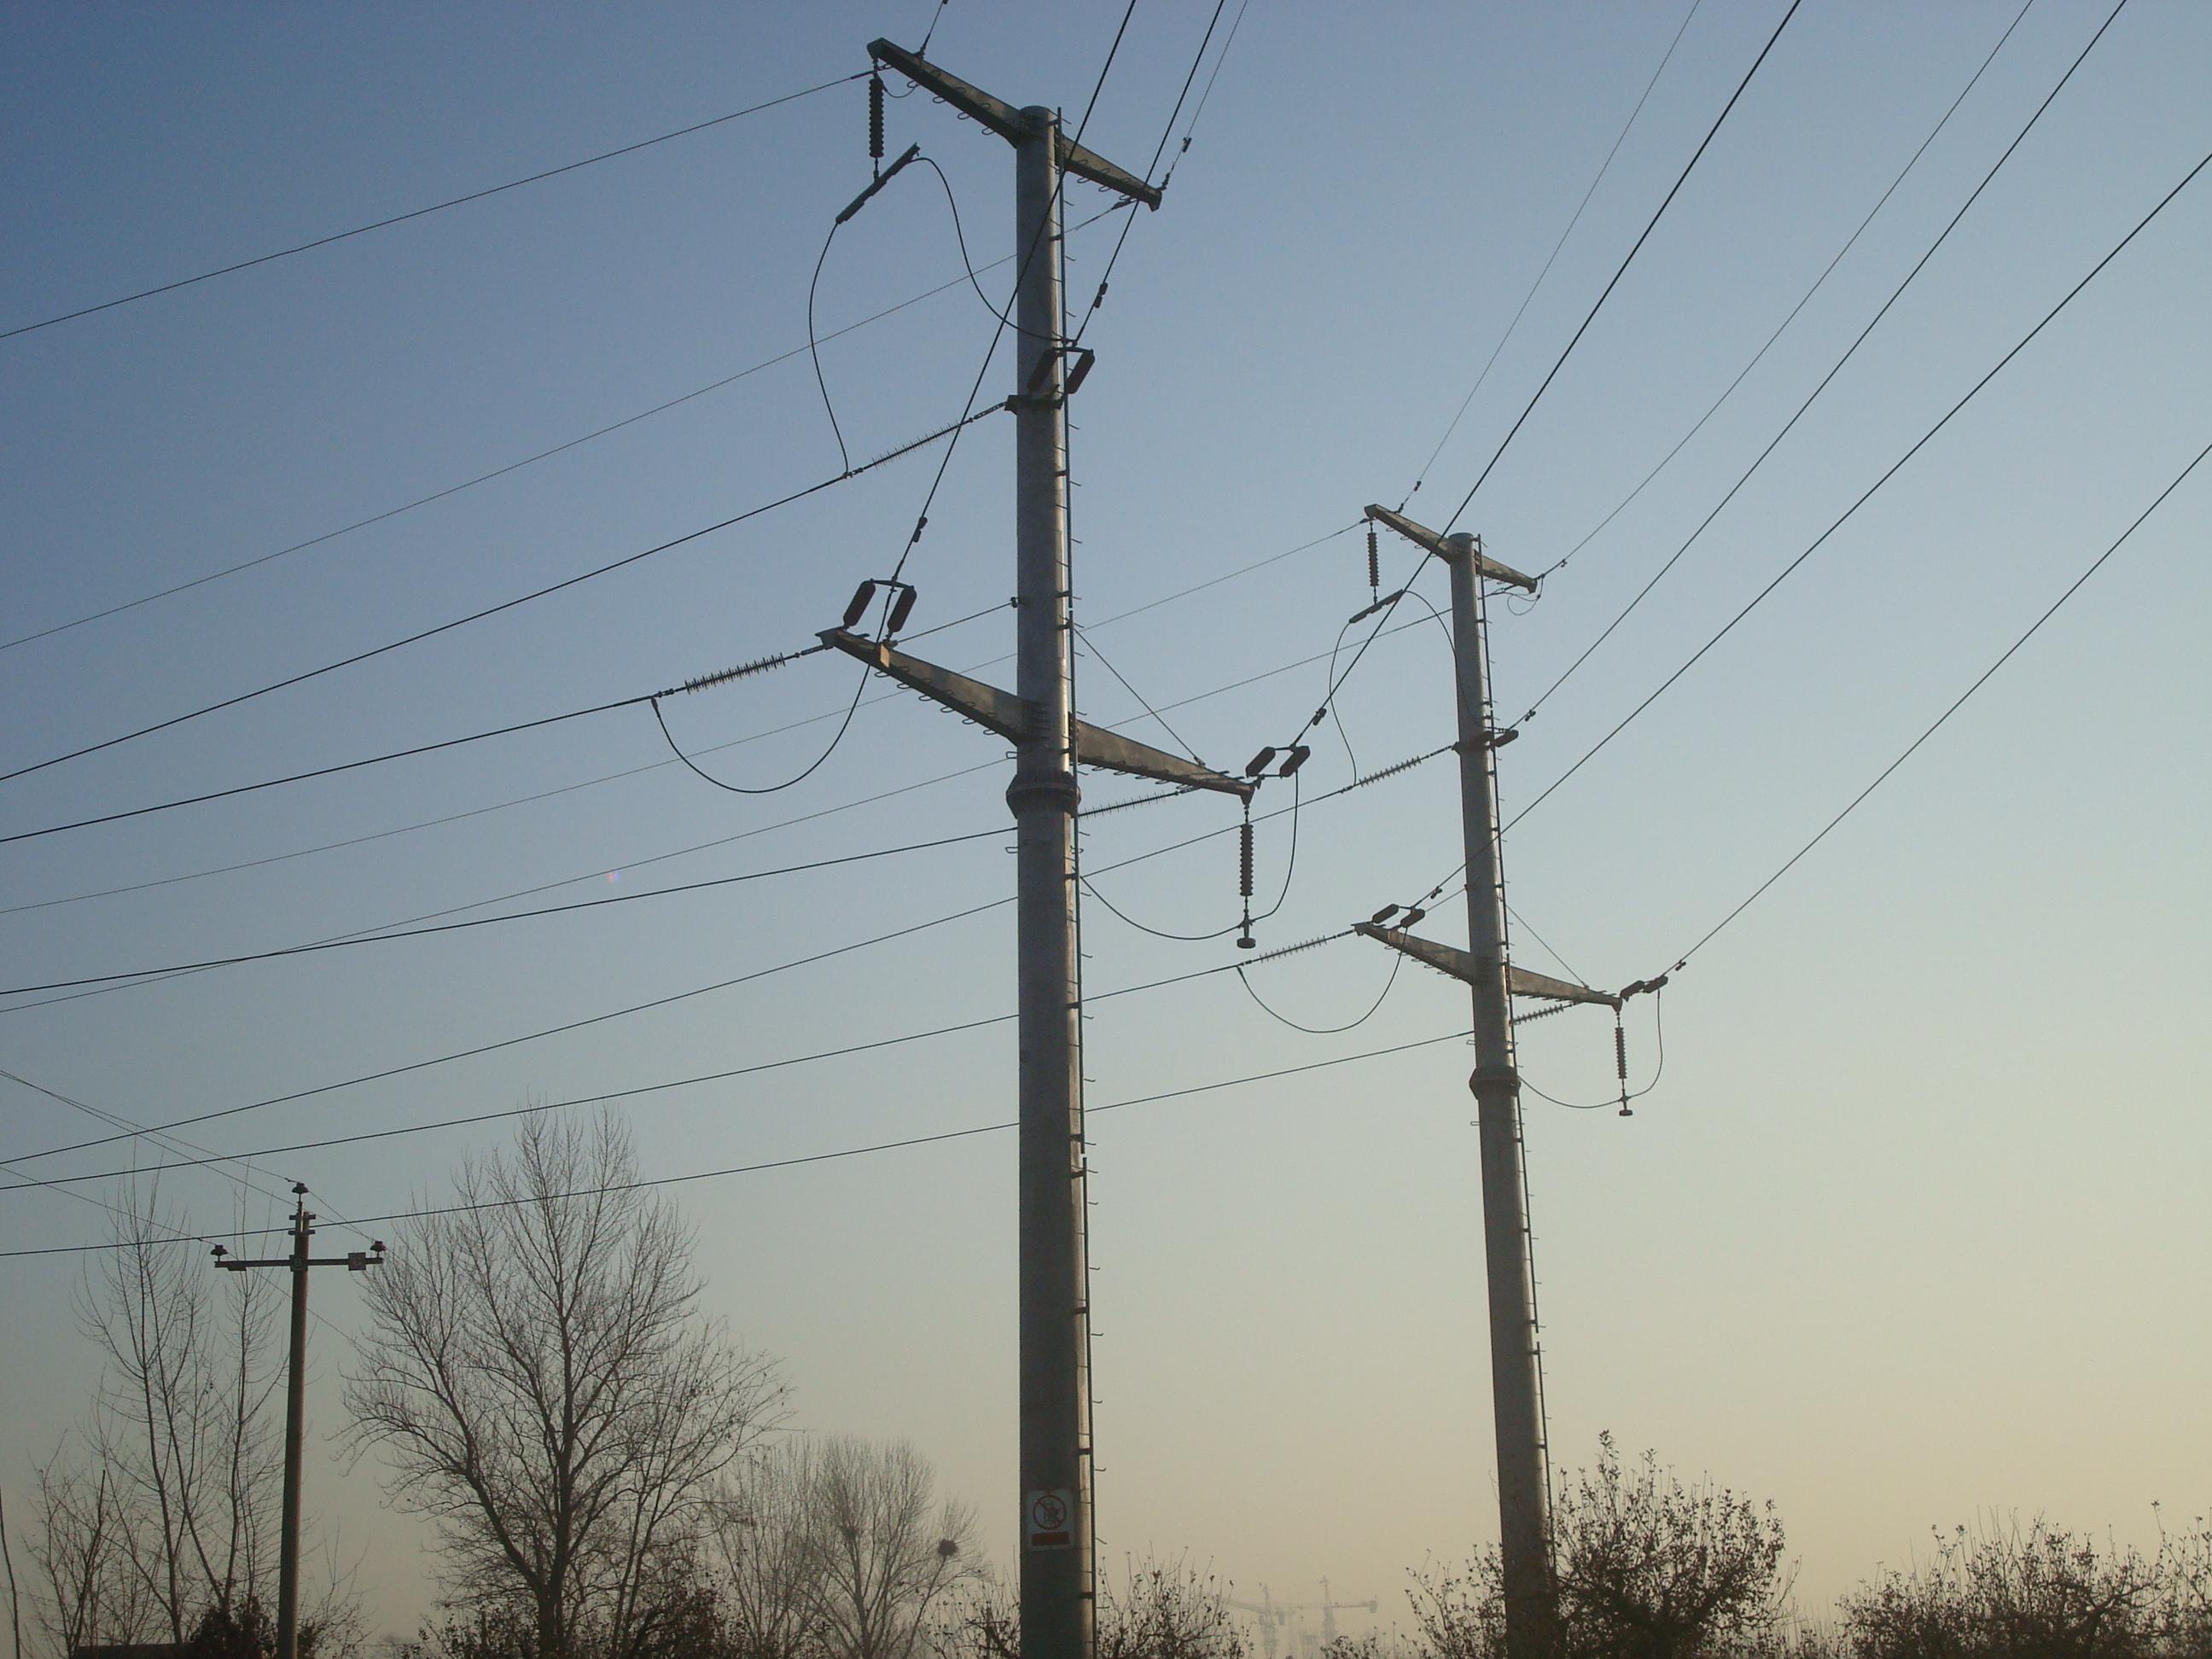 电工电气 配电输电设备 武汉 架空输电线路10kv 35kv 终端 电力钢管杆